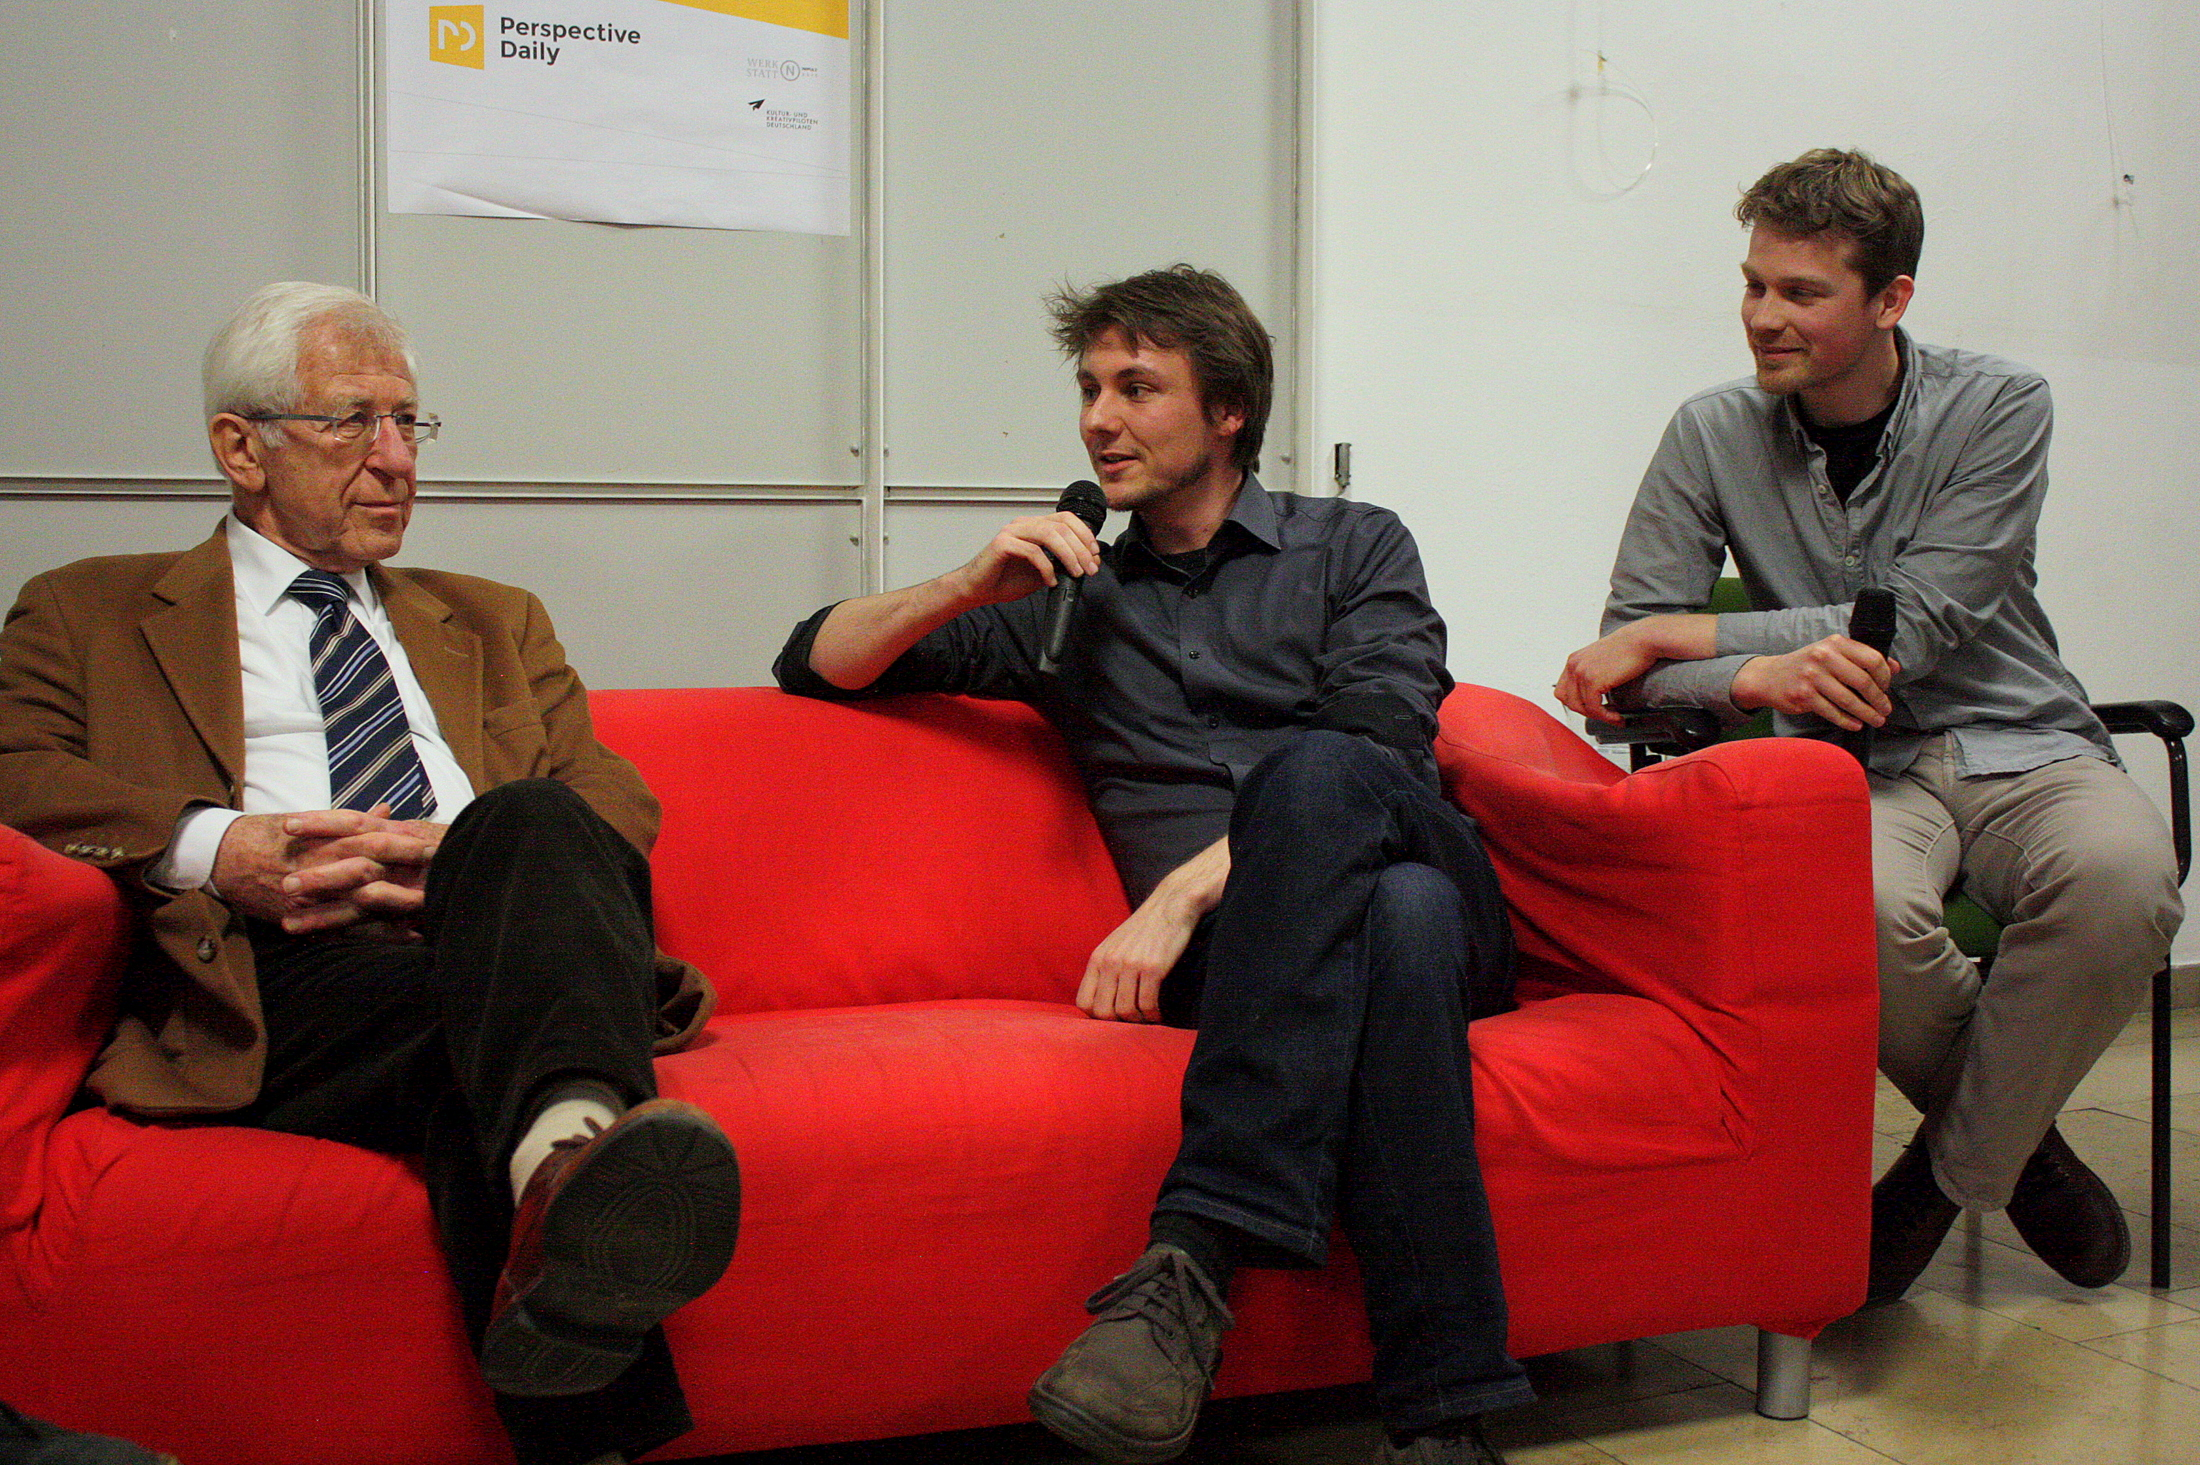 Franz Alt im Gespräch mit Bernhard Eickenberg und Han Langeslag, zwei der Gründer von Perspective Daily